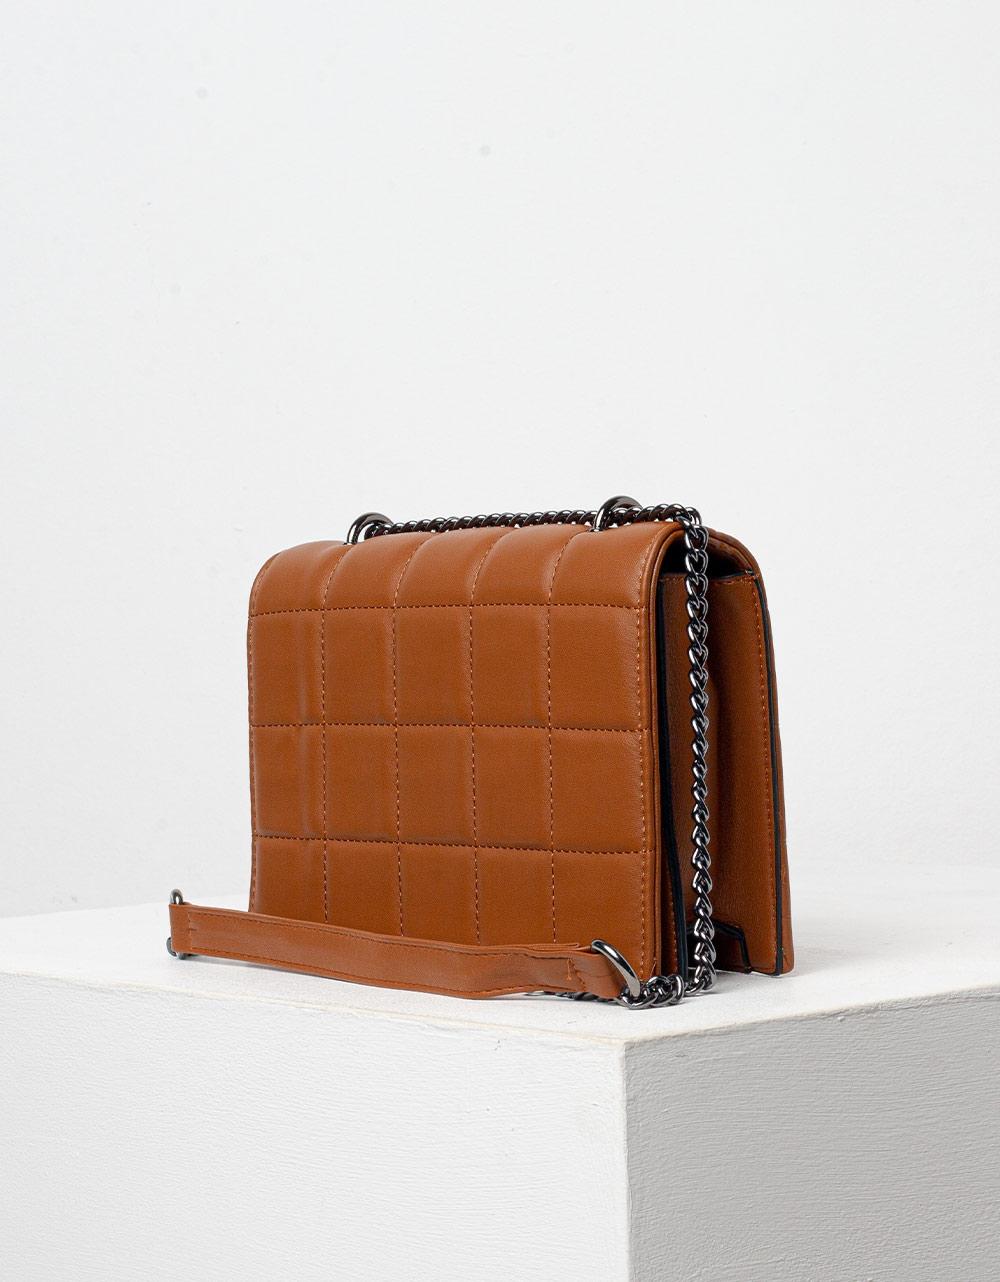 Εικόνα από Γυναικεία τσάντα ώμου & χιαστί με καπιτονέ μοτίβο Ταμπά